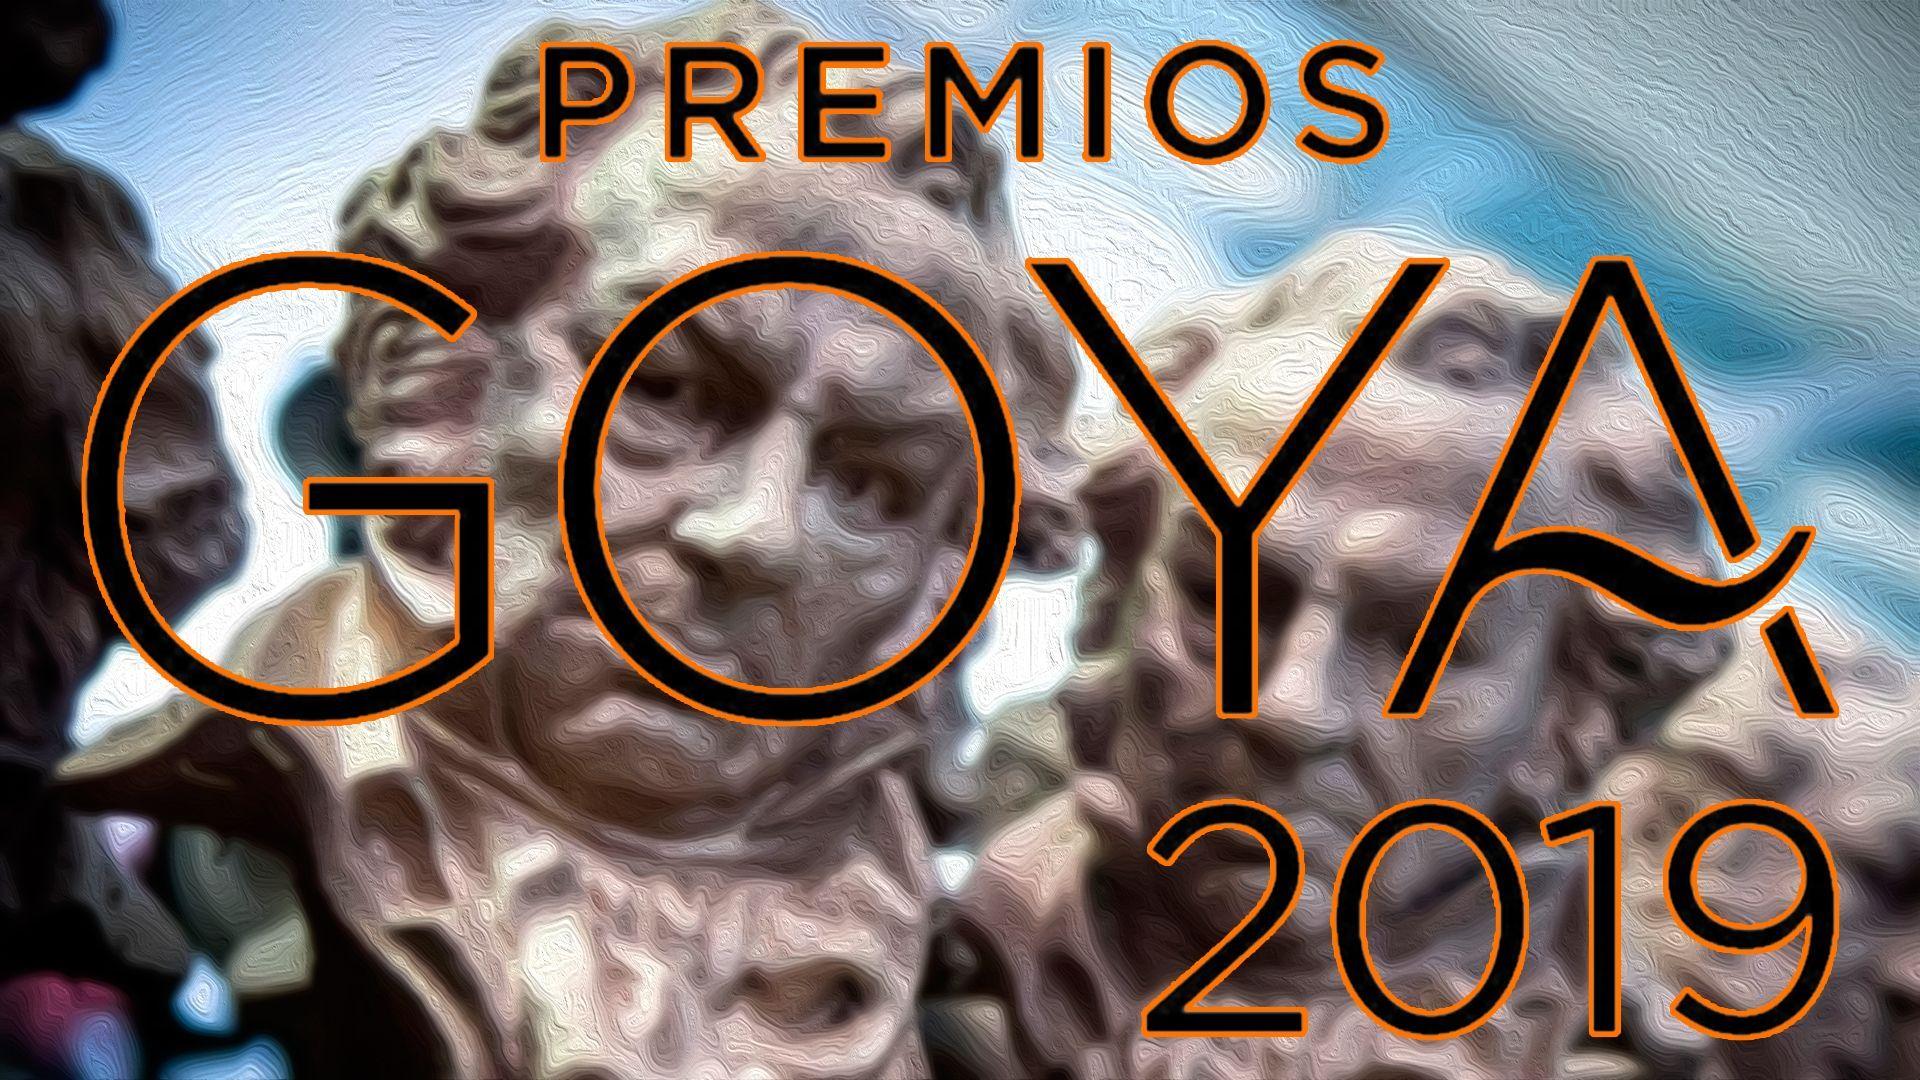 Nominados a los Premios Goya 2019